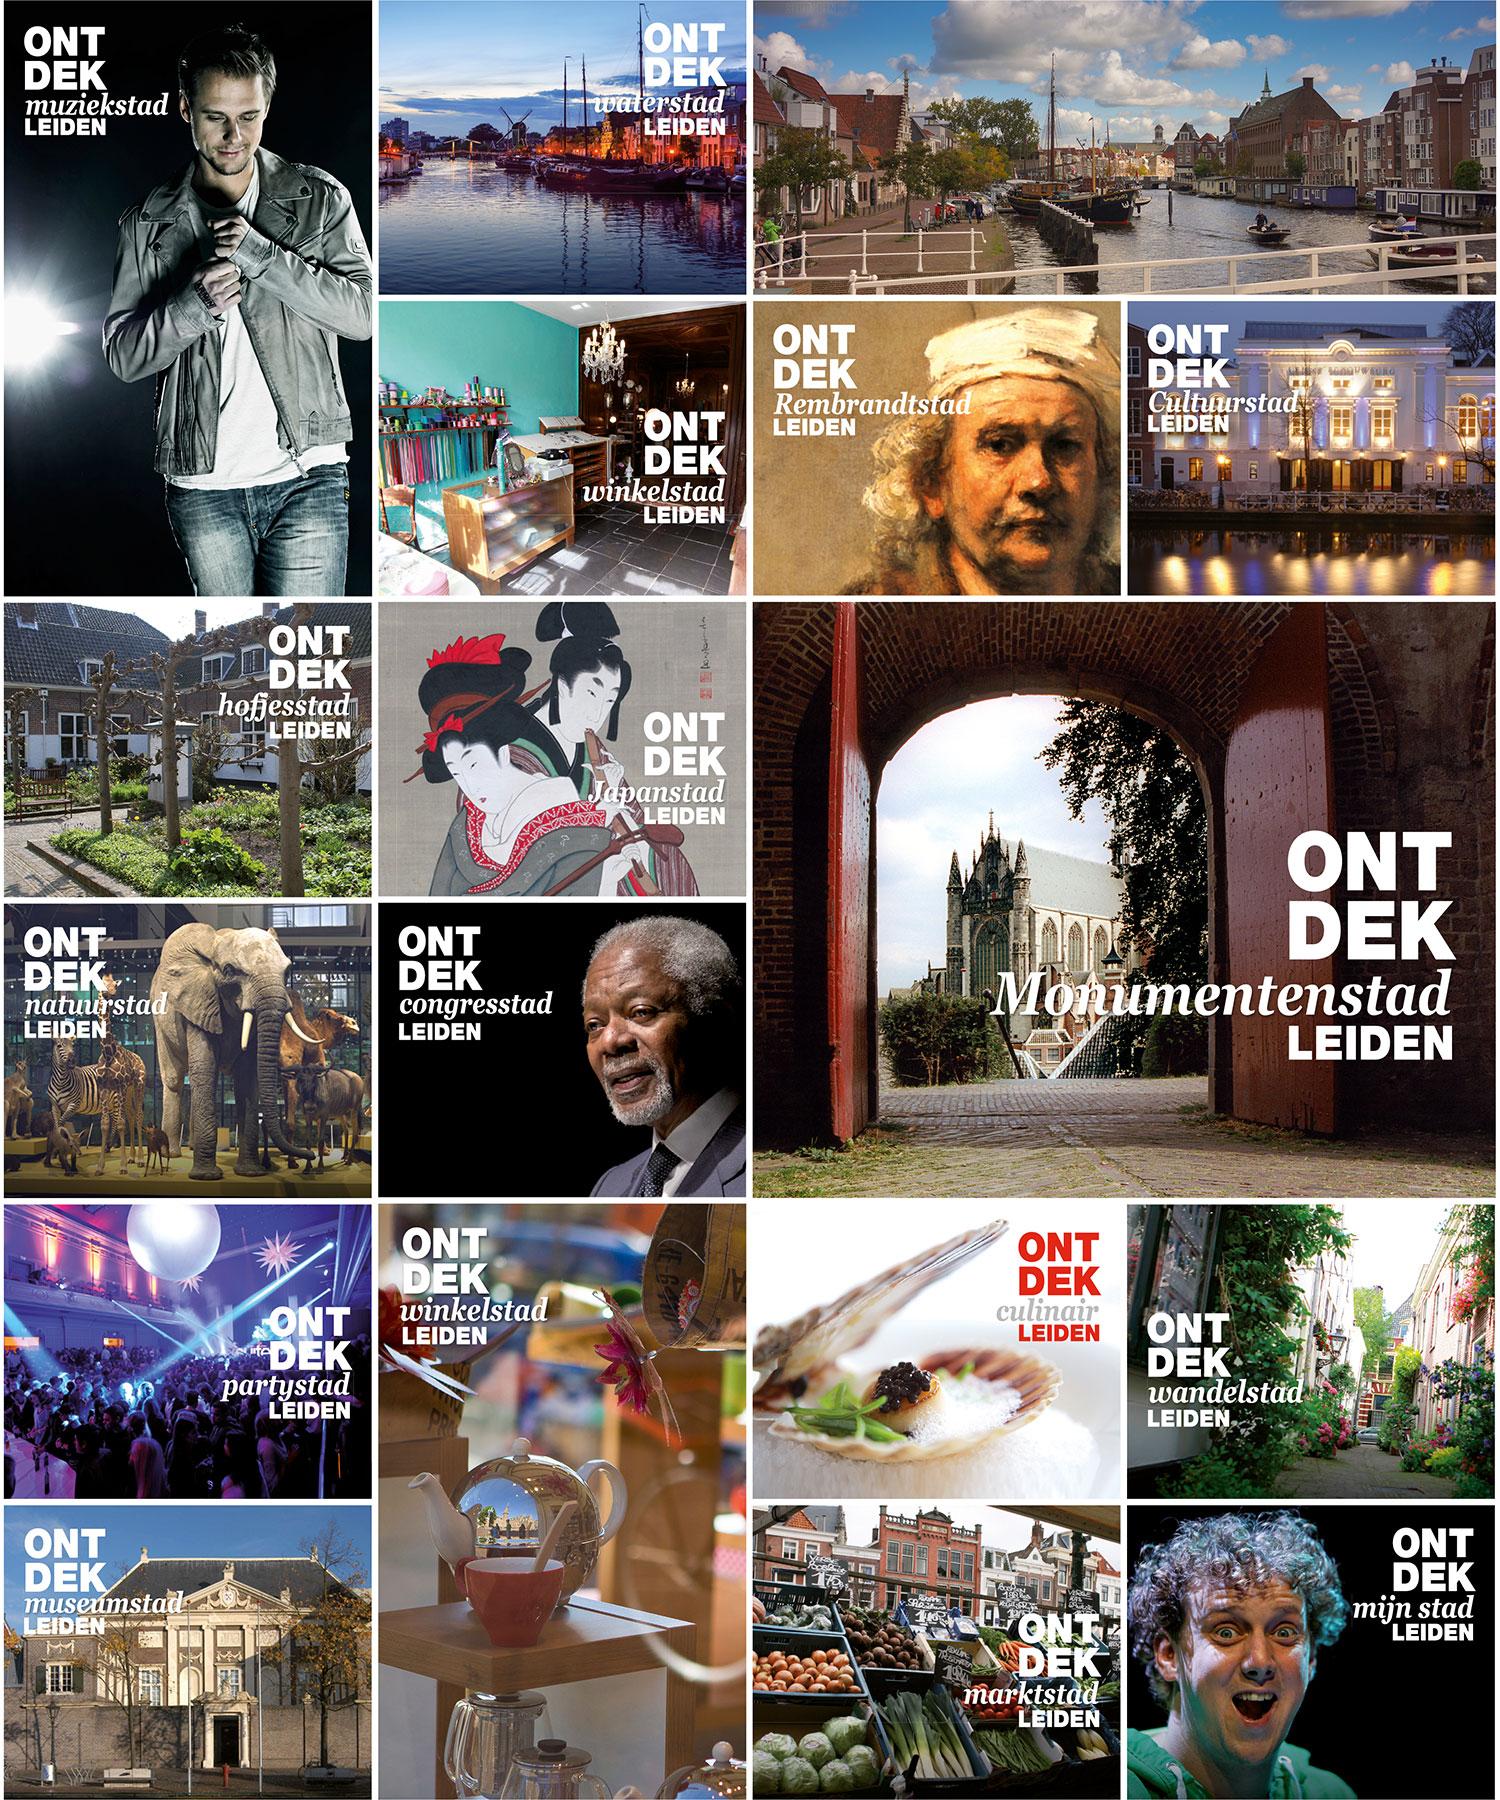 Citymarketing Leiden